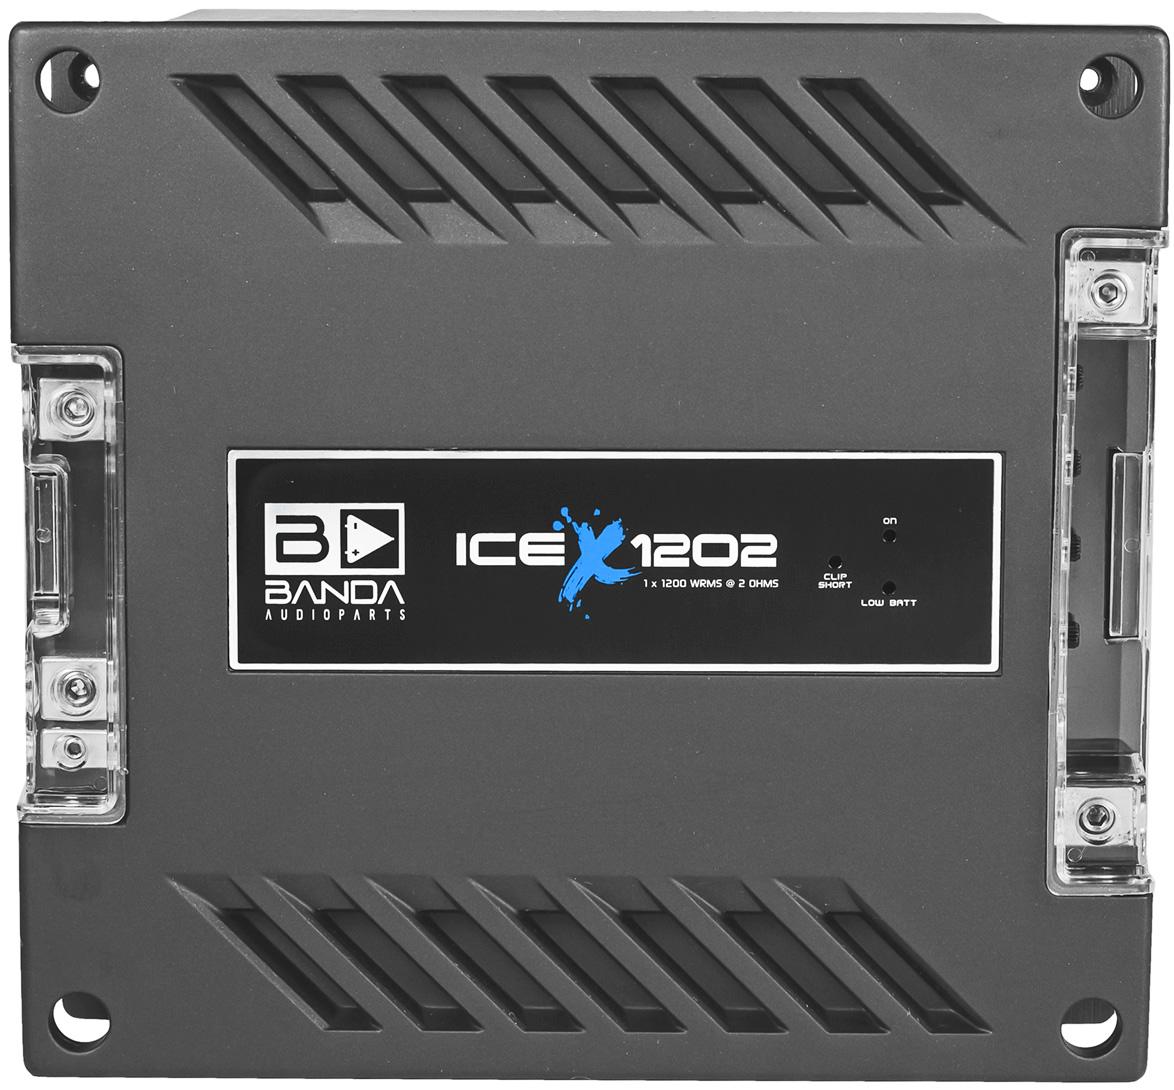 ice-x-1202-frente-19 ICE X 1202